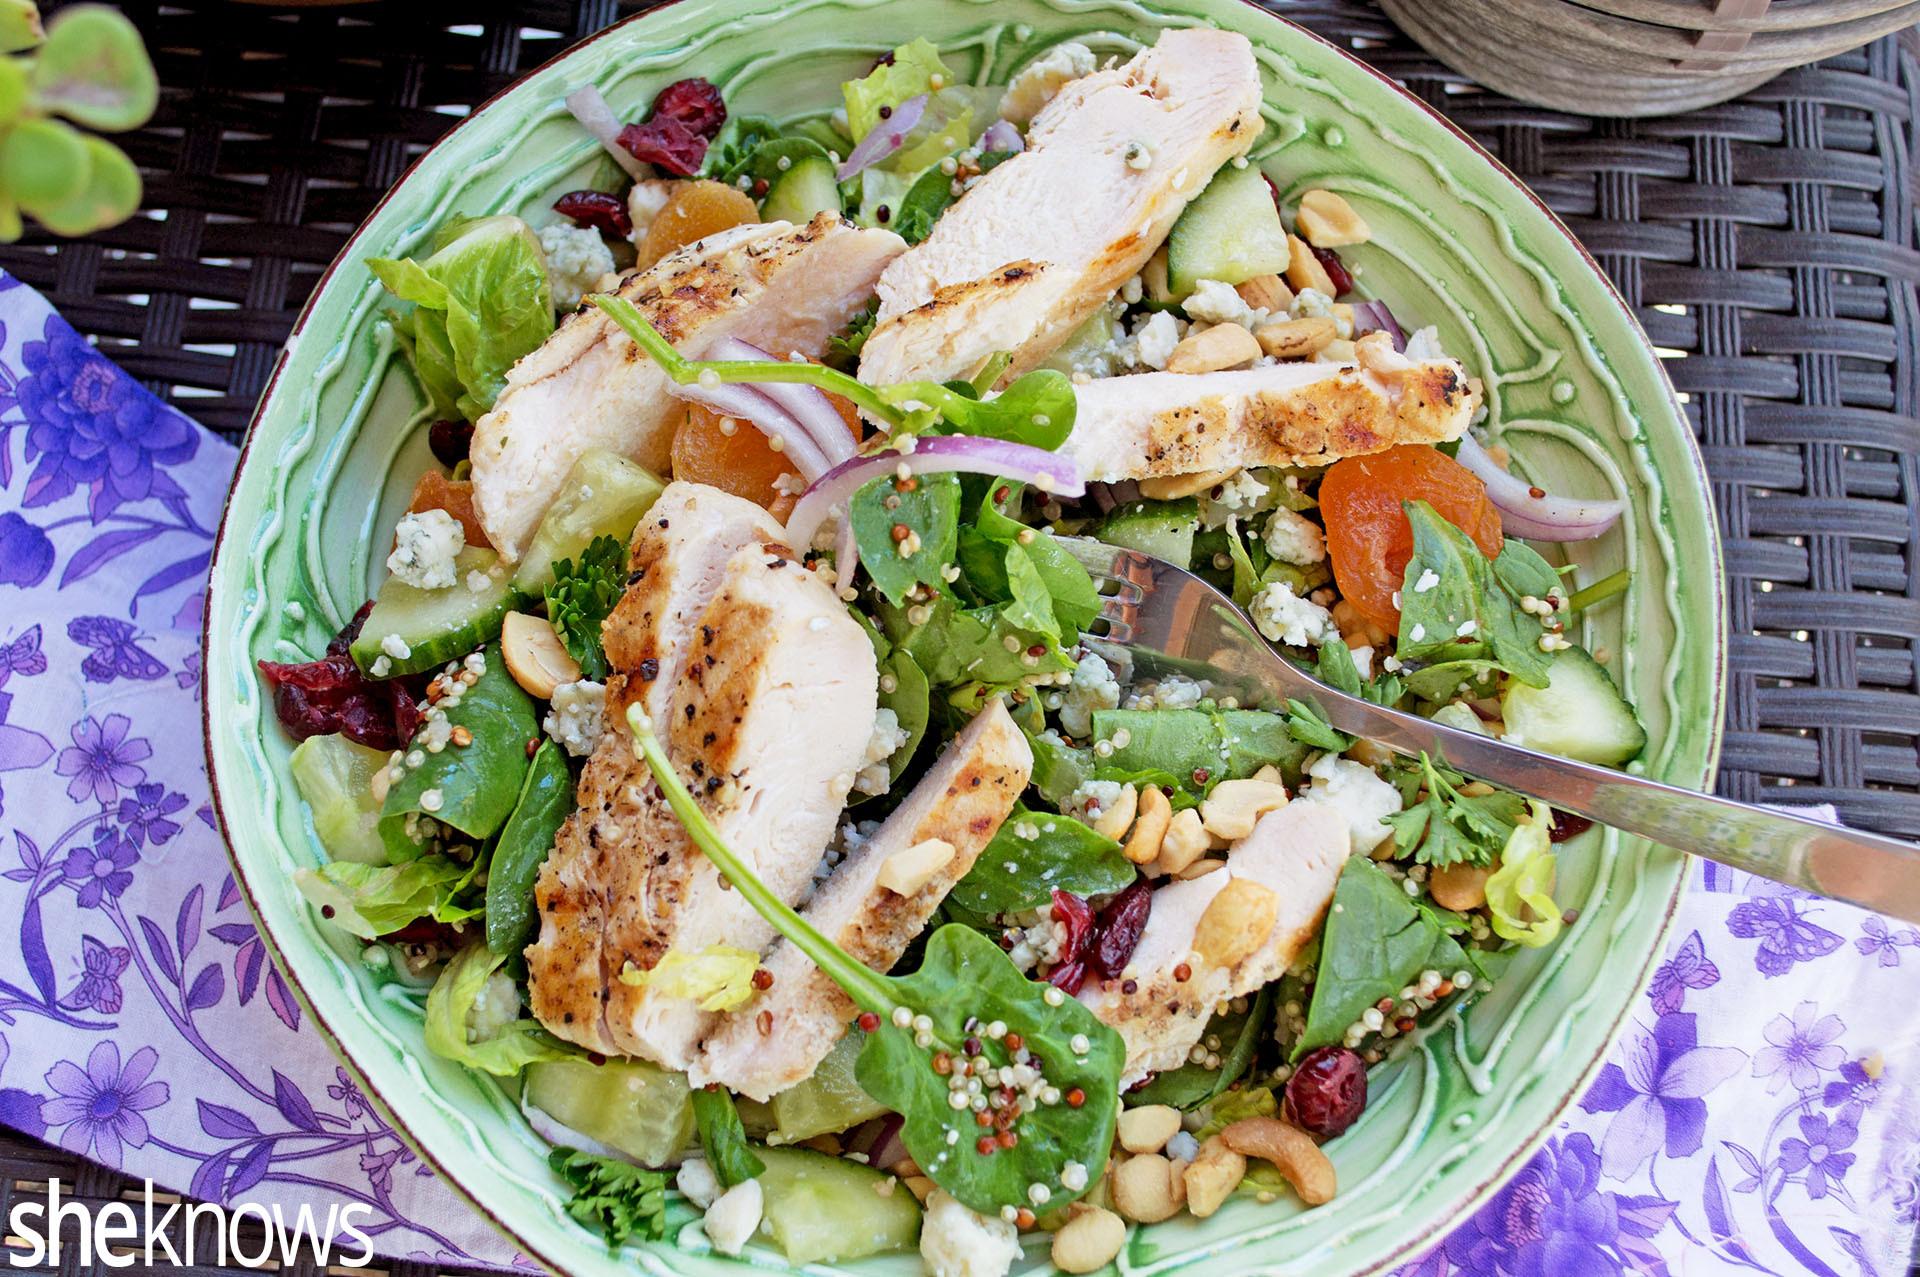 Chicken Salad Healthy  Healthy Chicken Salad Recipe — Dishmaps